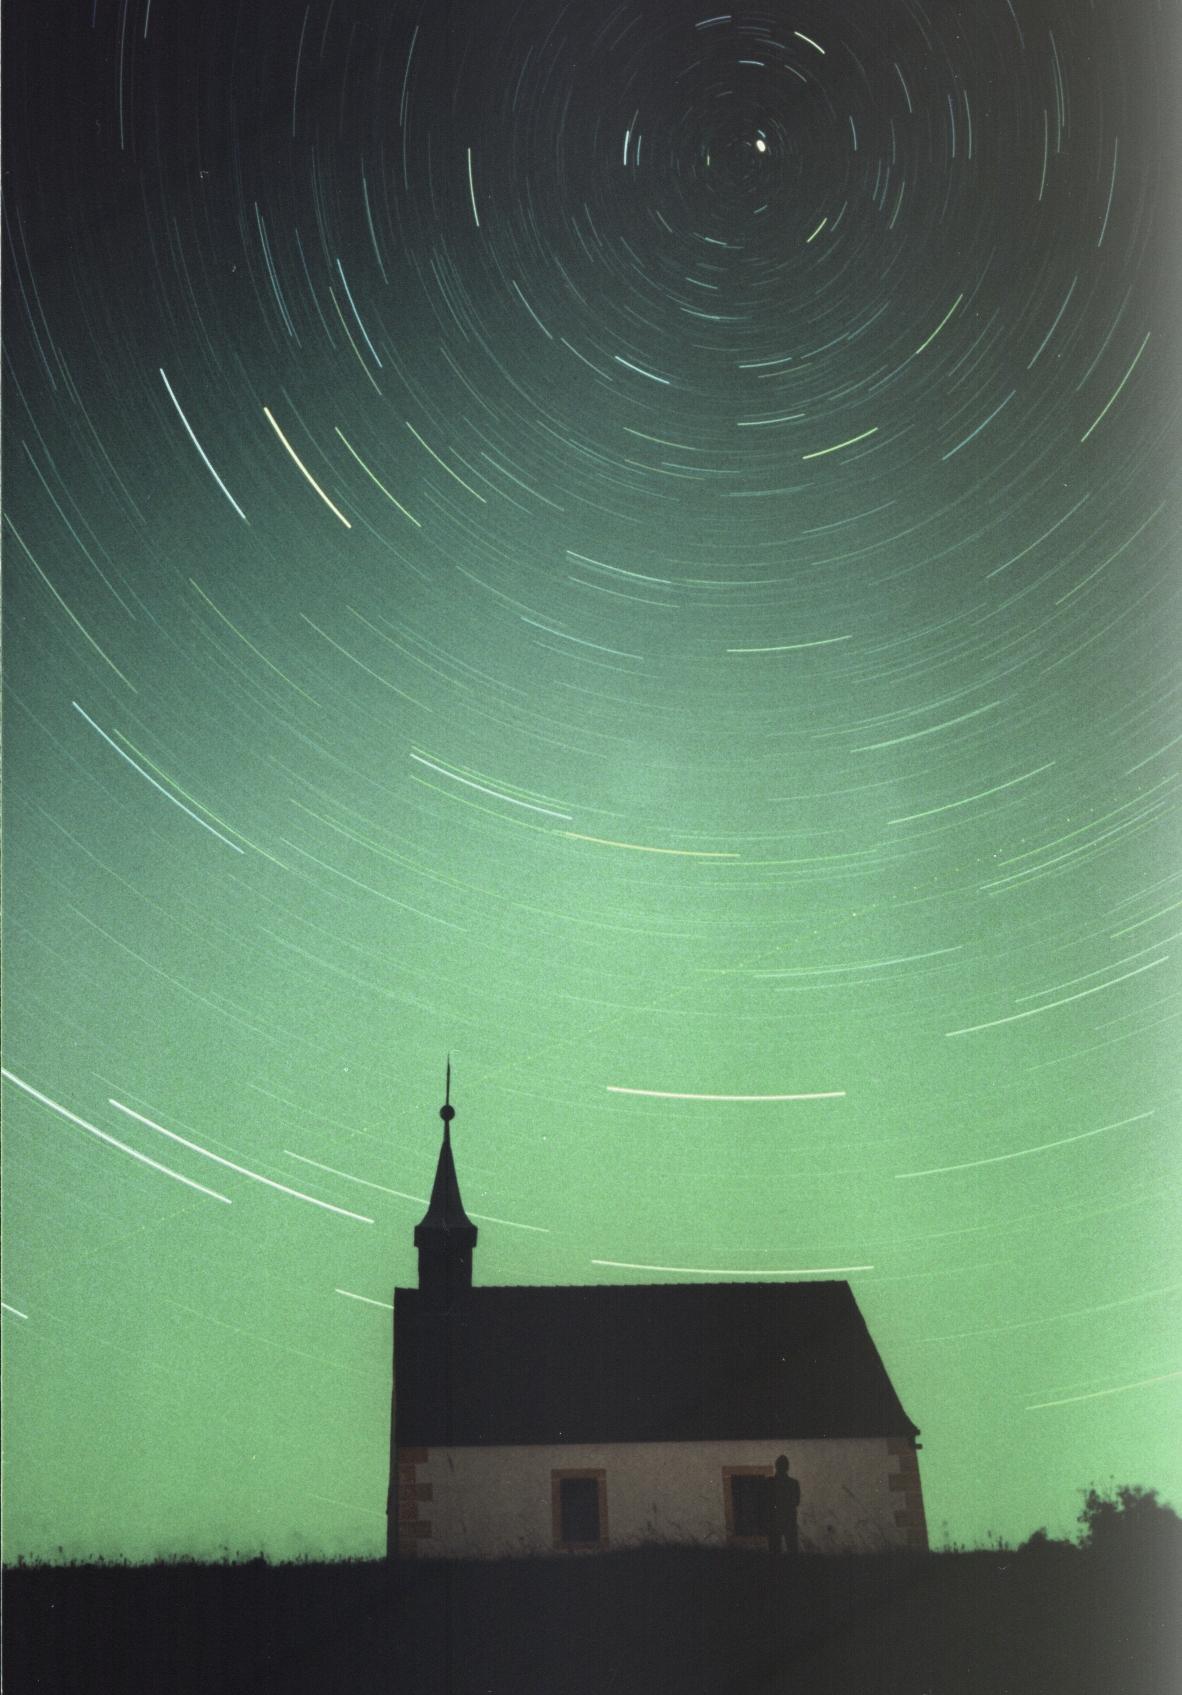 Gwiazda Polarna, naświetlenie ok. 45 minut. fot Udo Kügel